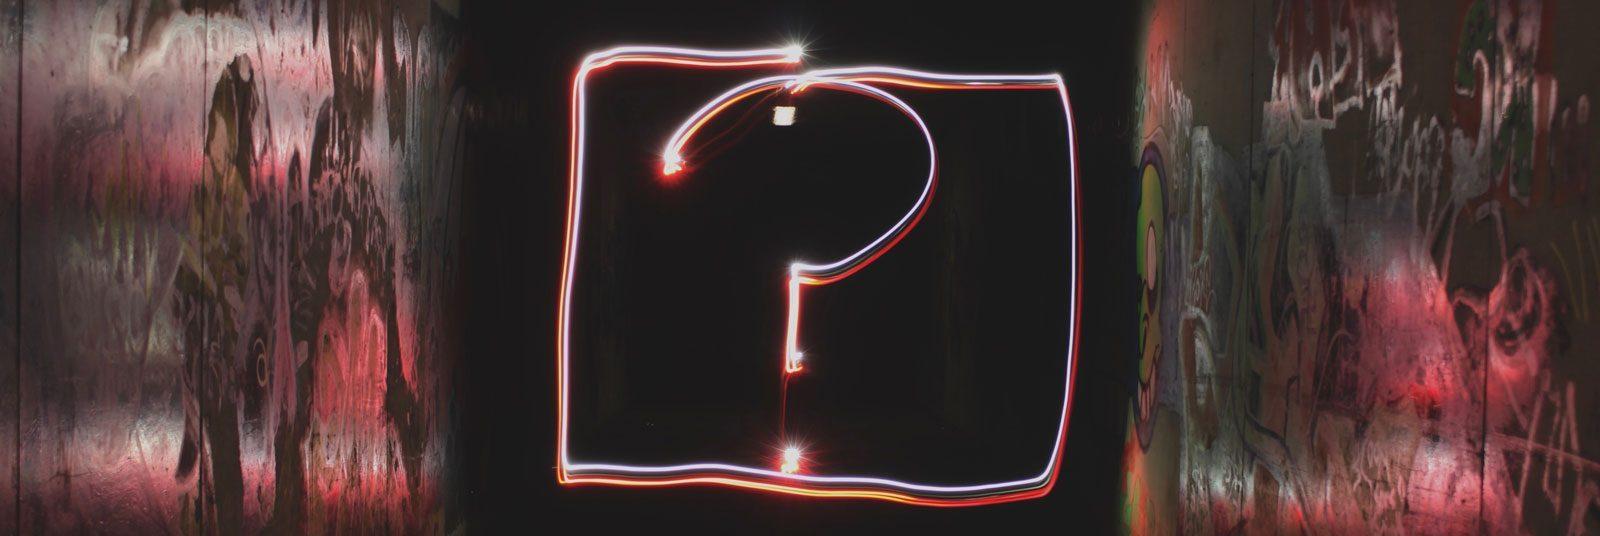 Dudas, preguntas y consultas